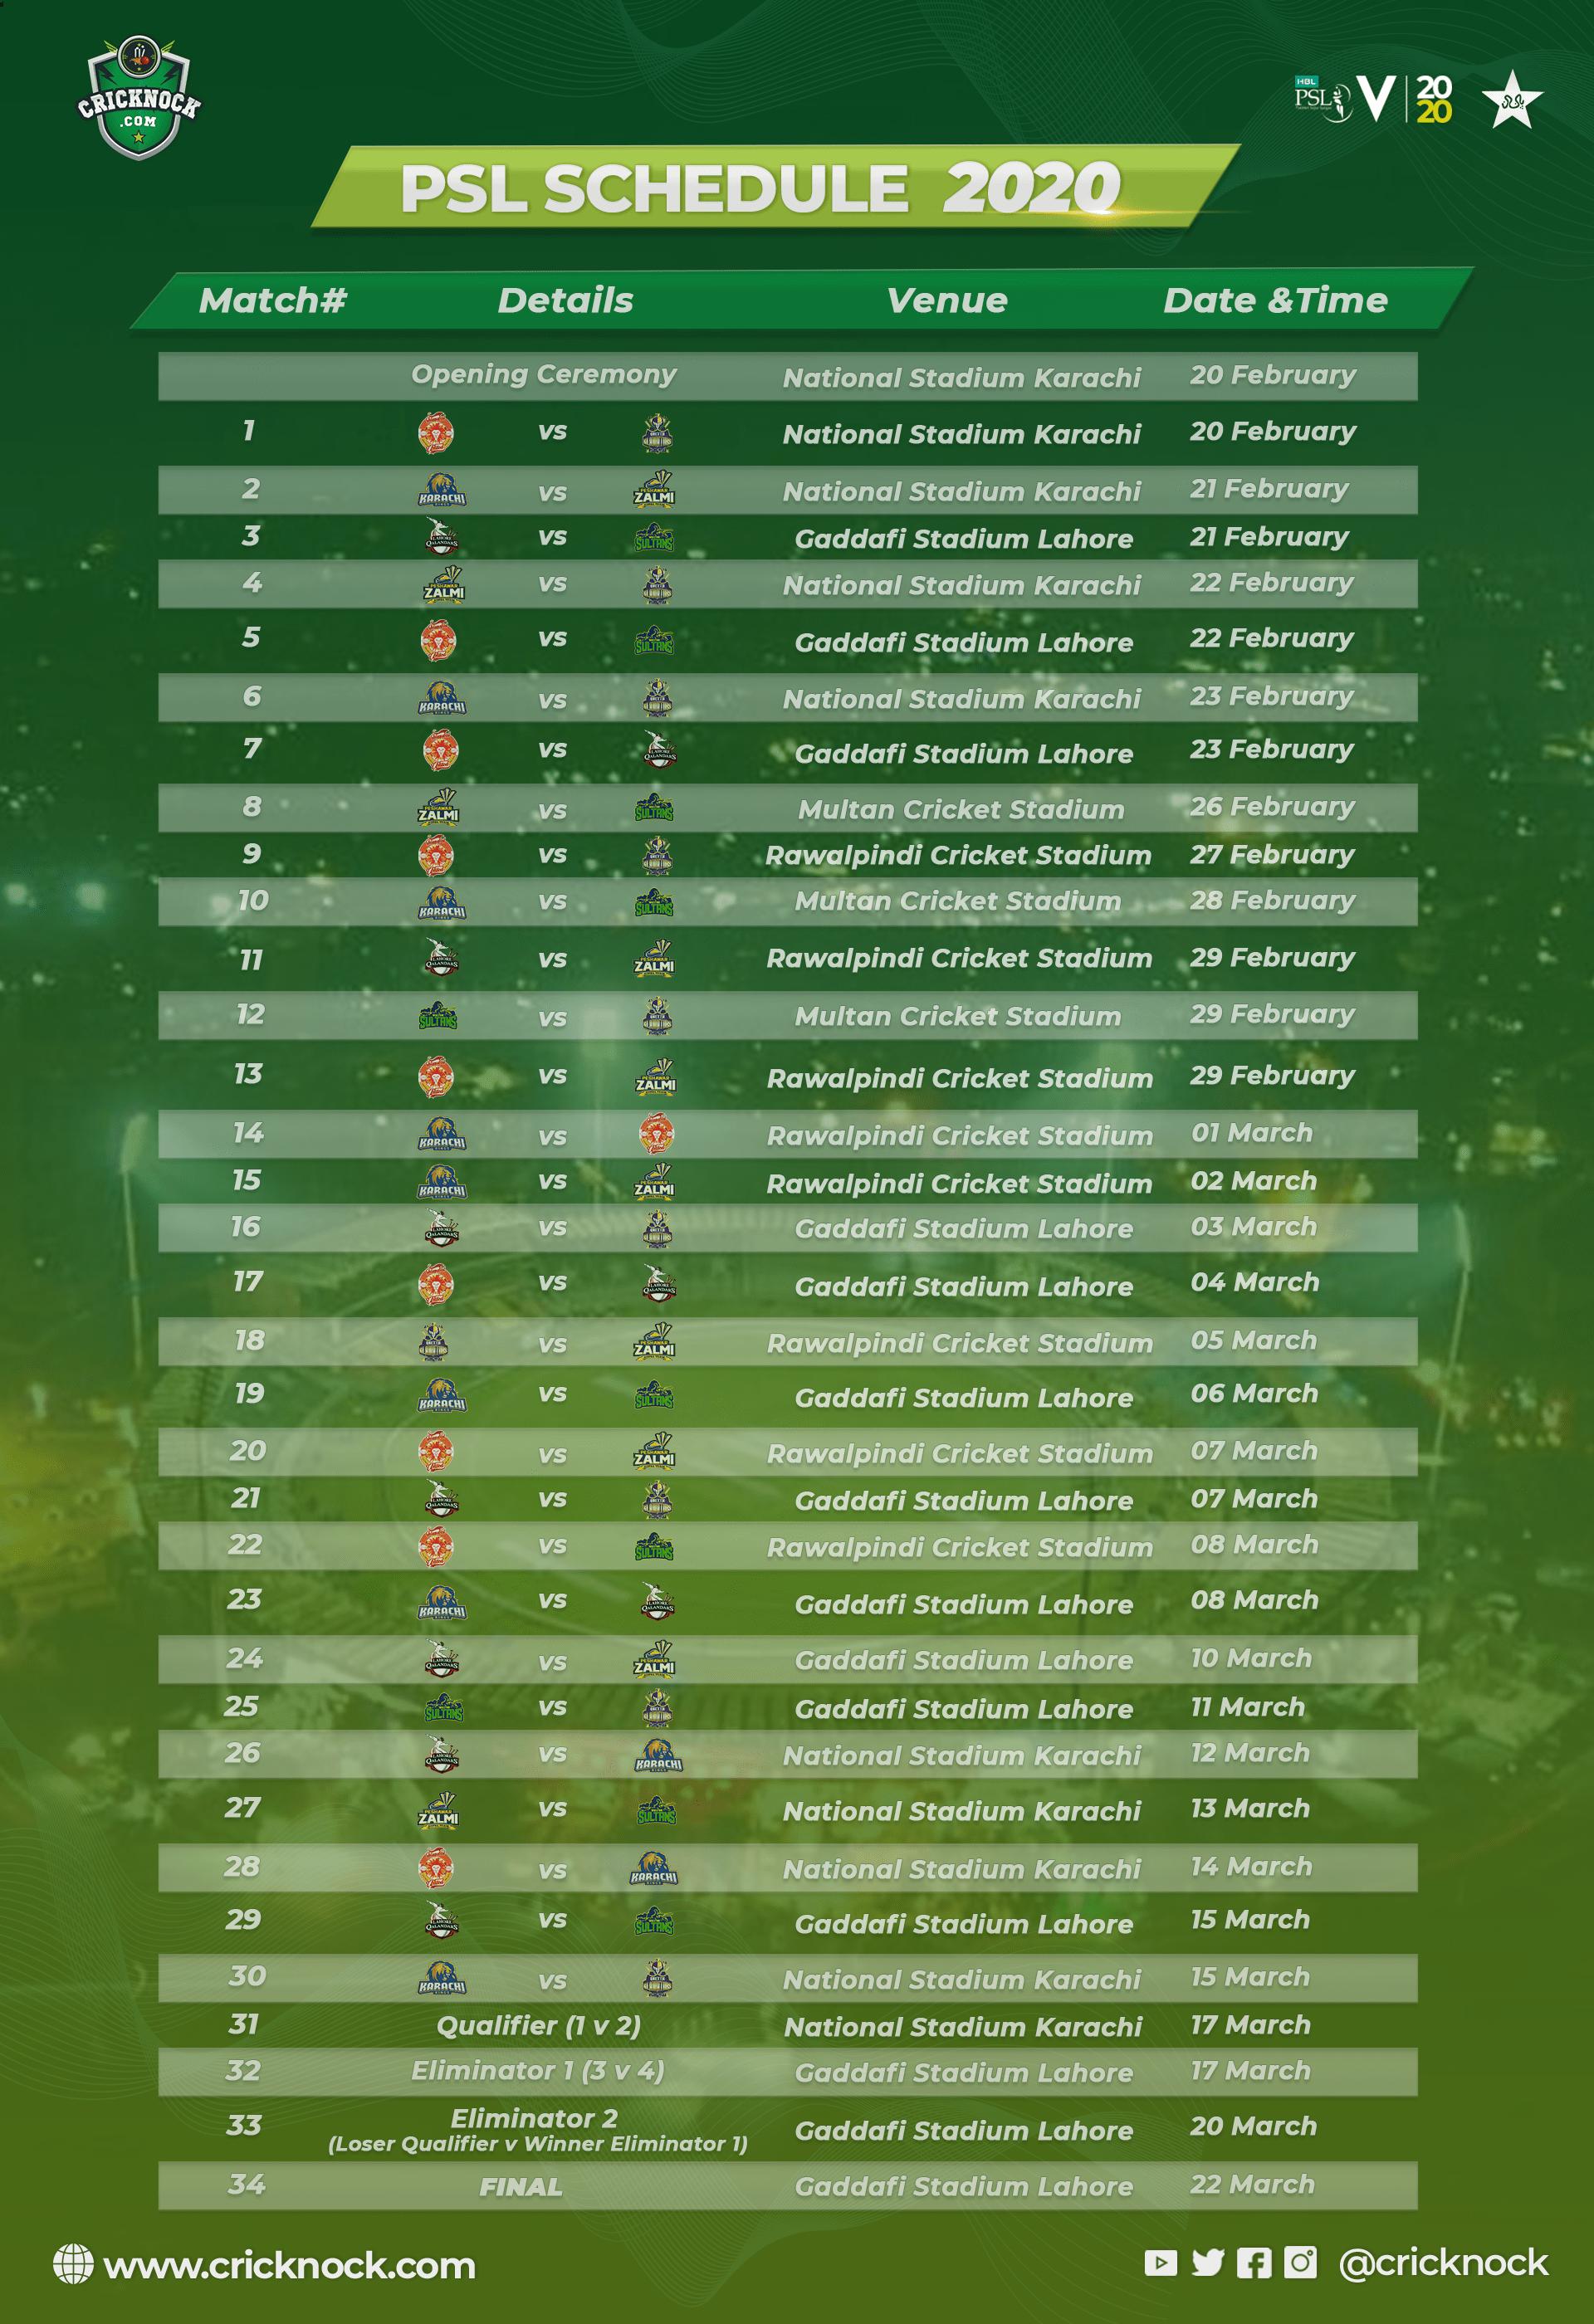 PSL T20 2020 Complete Fixtures